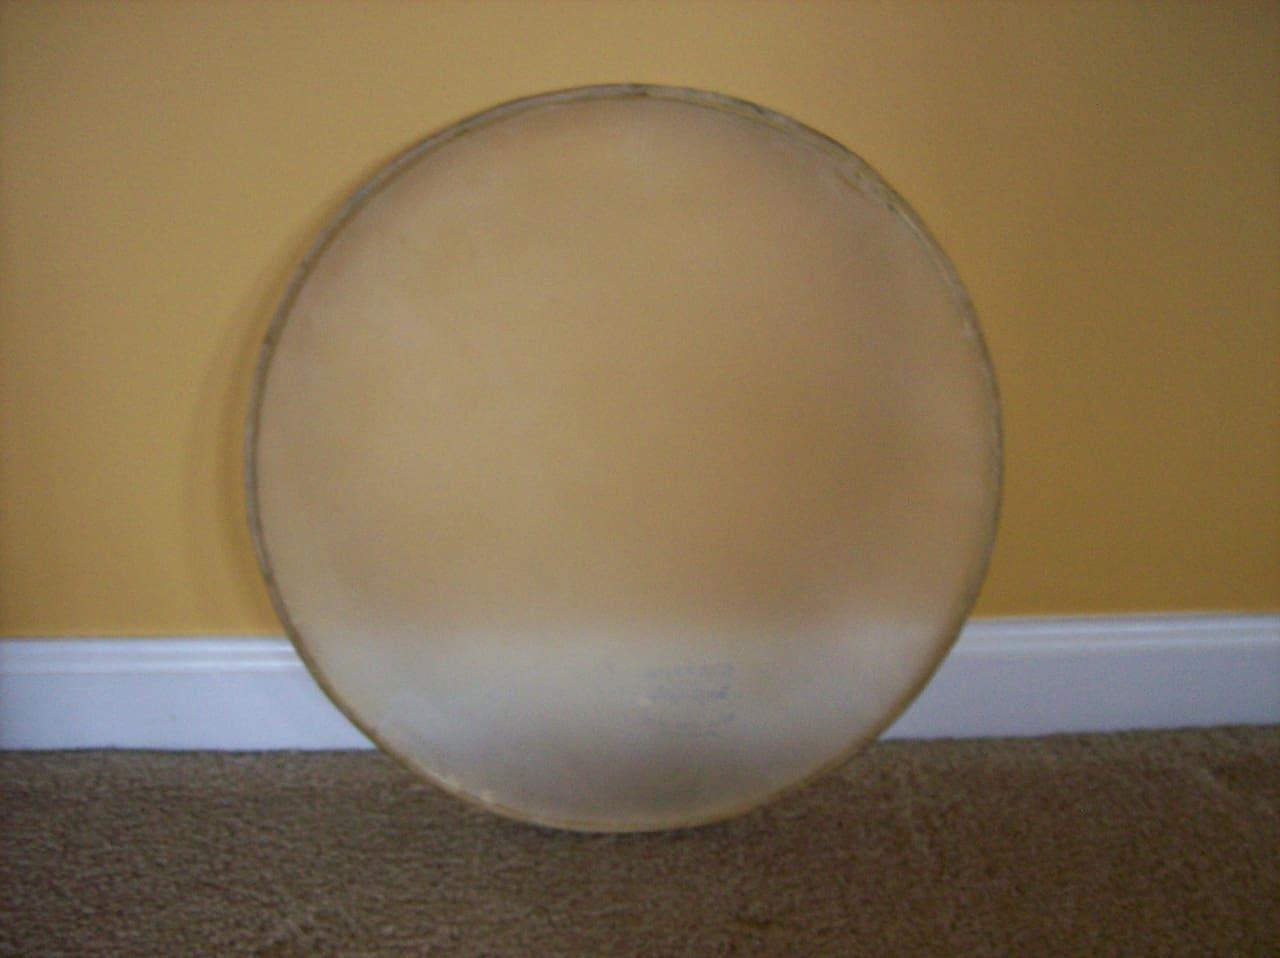 Calf Snare Drum Head : amrawco 14 snare side calf skin drum head 1930 39 s reverb ~ Hamham.info Haus und Dekorationen